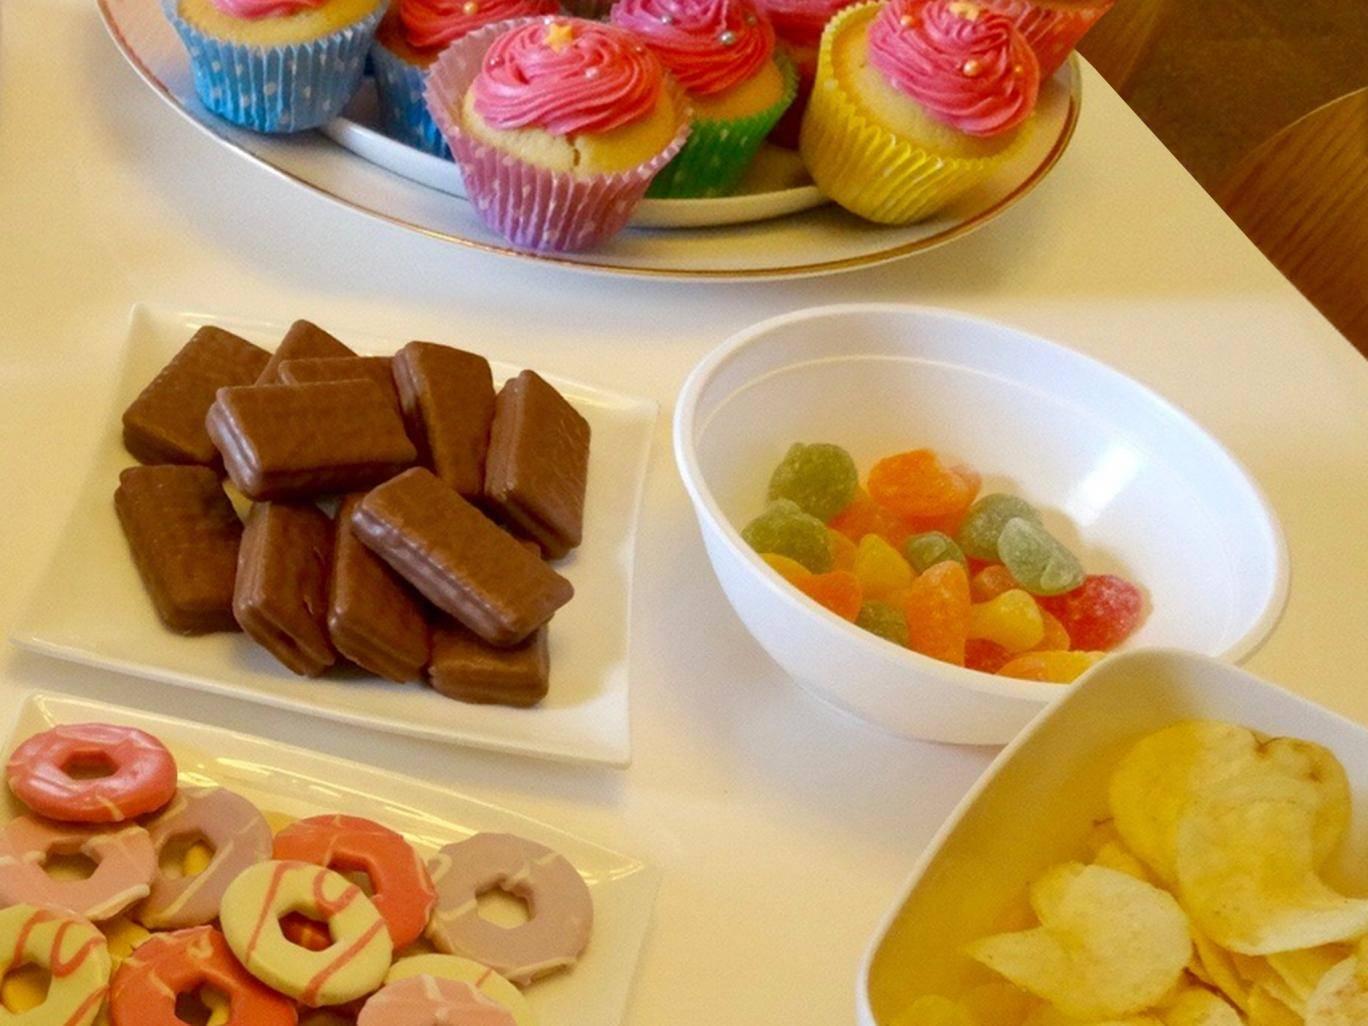 儿童糖分摄入量高? 六个方法帮助孩子远离含糖食品